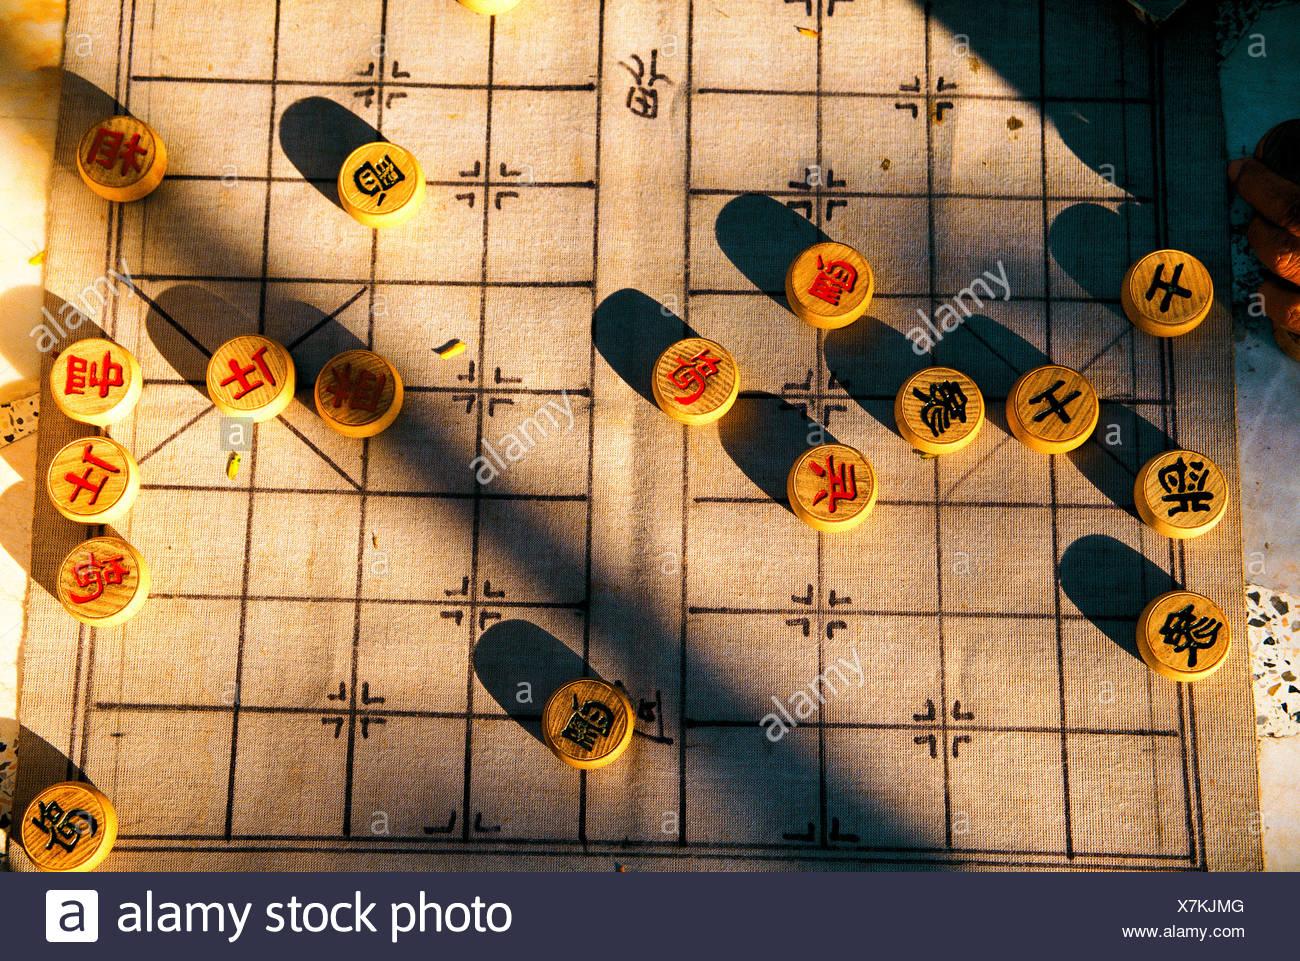 Un Cinese gioco da tavolo giocato in parchi di solito da uomini anziani. Immagini Stock